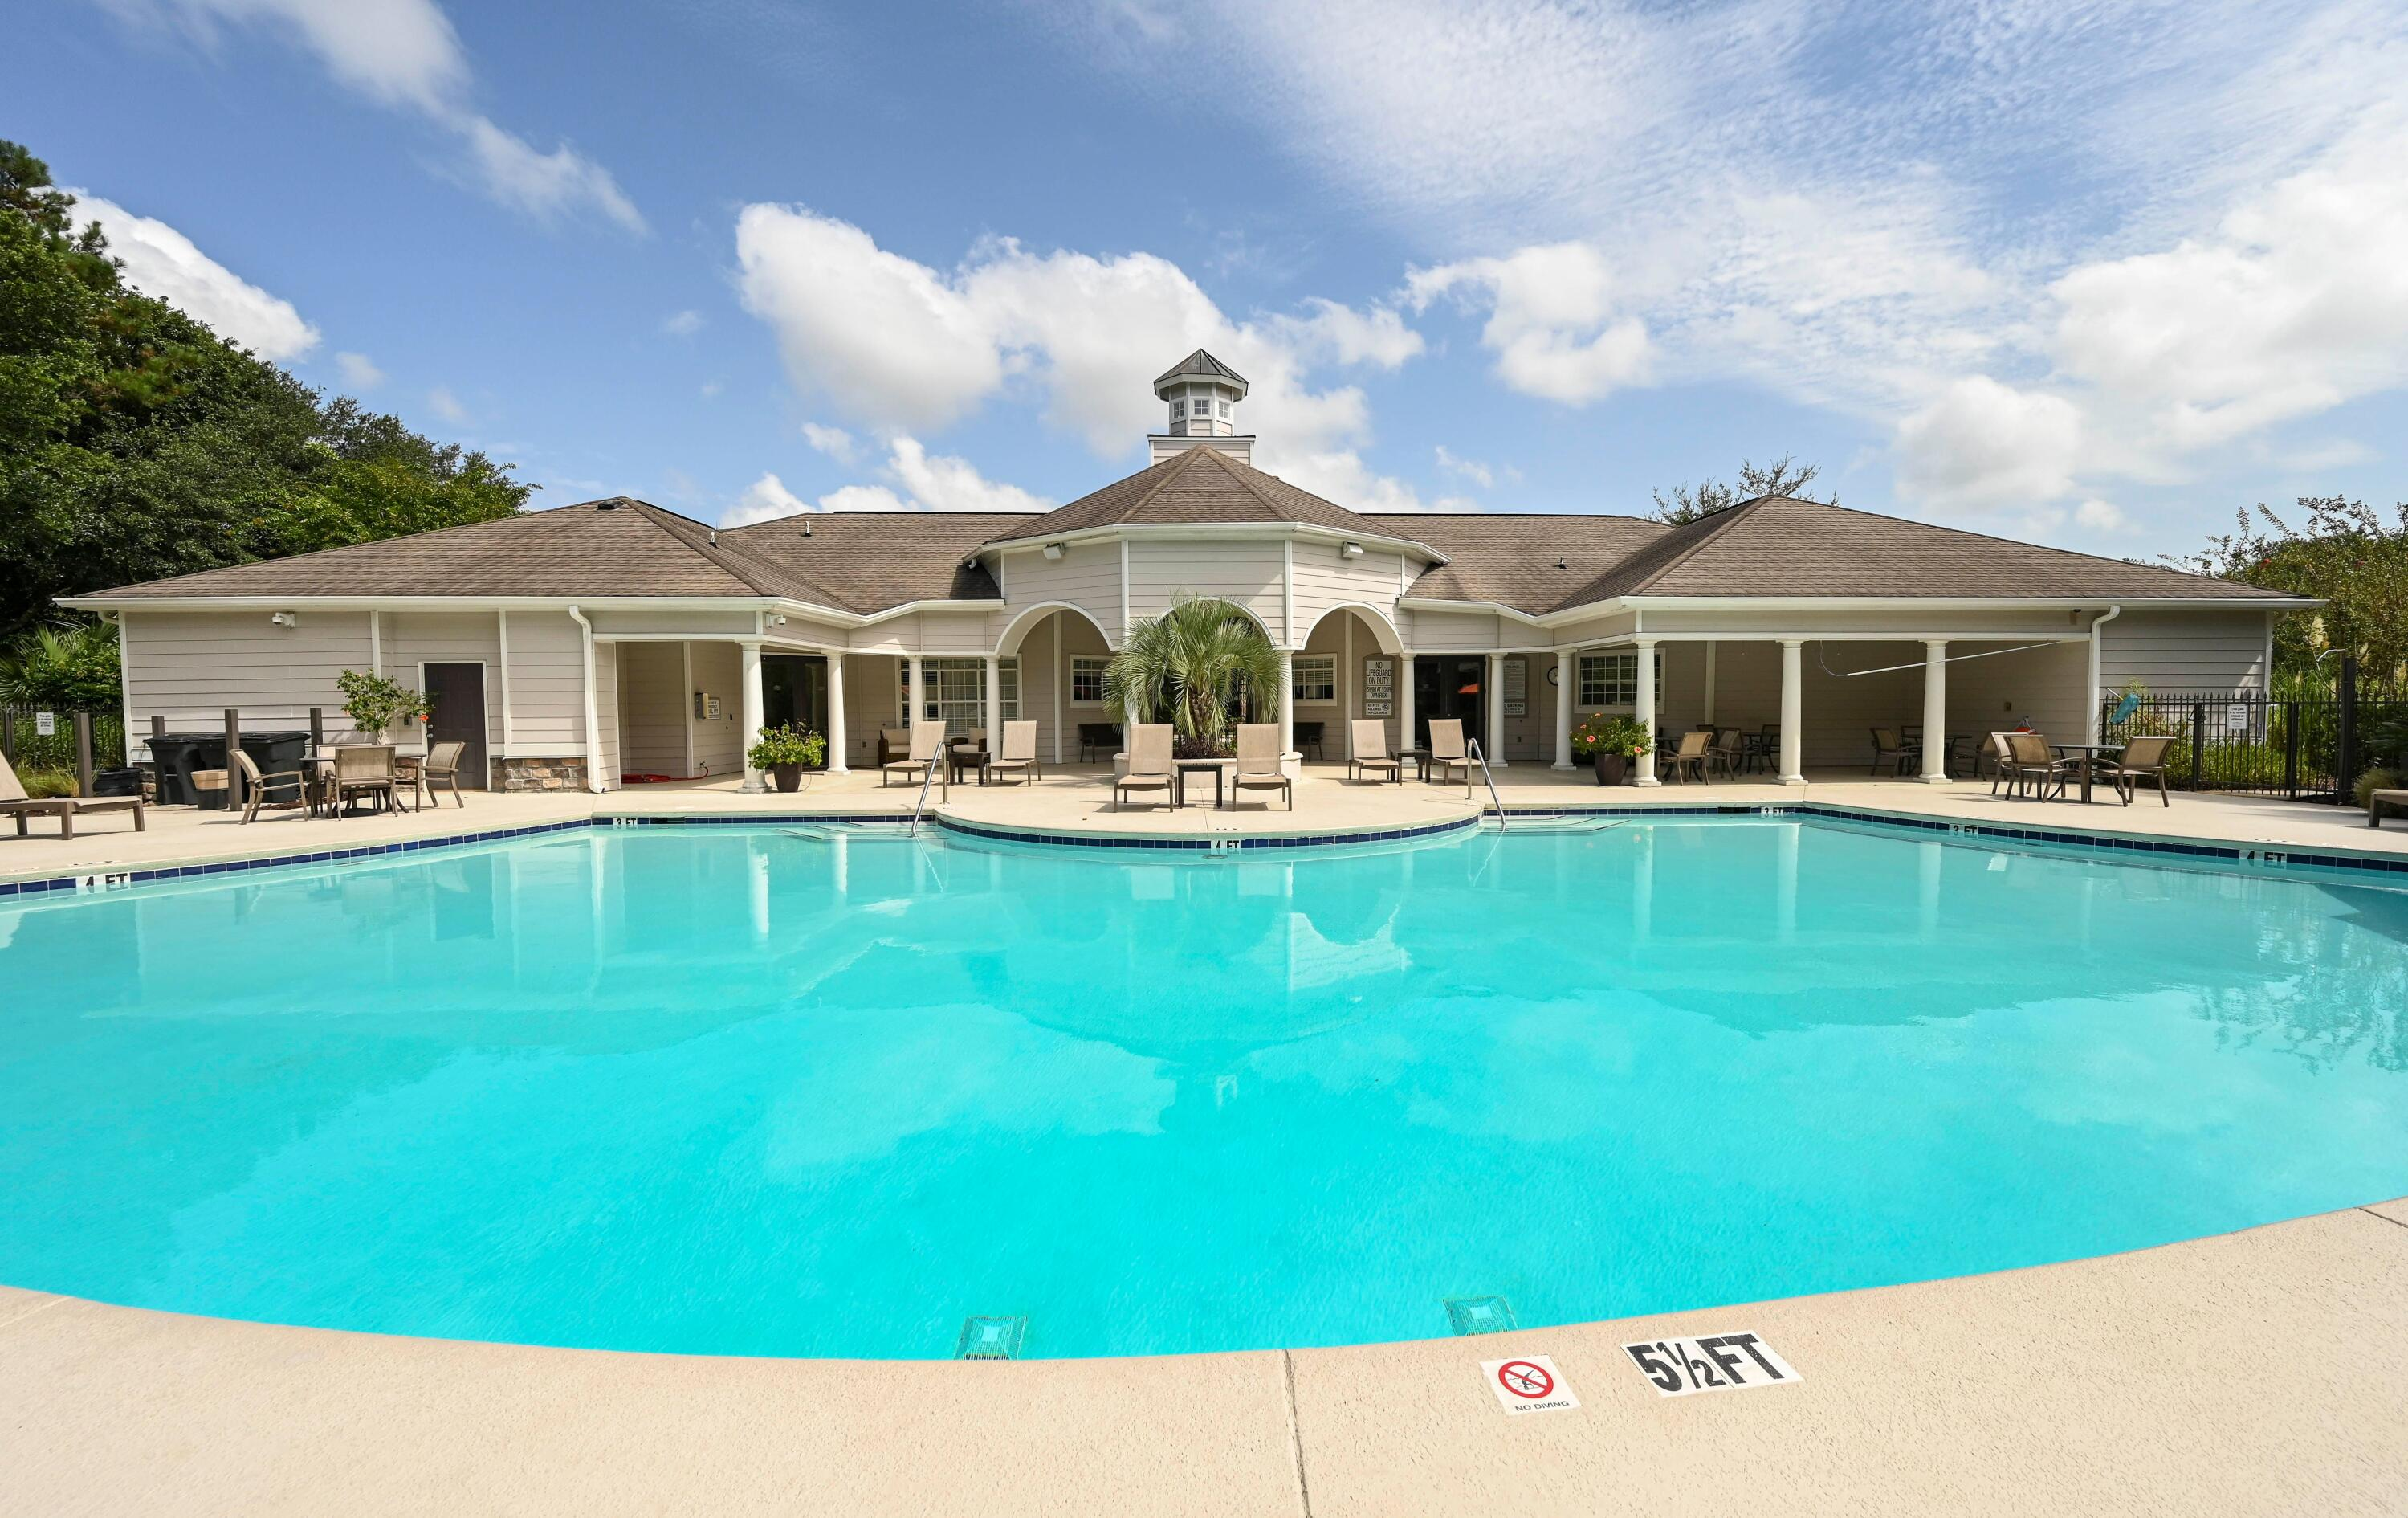 Park West Homes For Sale - 1300 Park West, Mount Pleasant, SC - 14